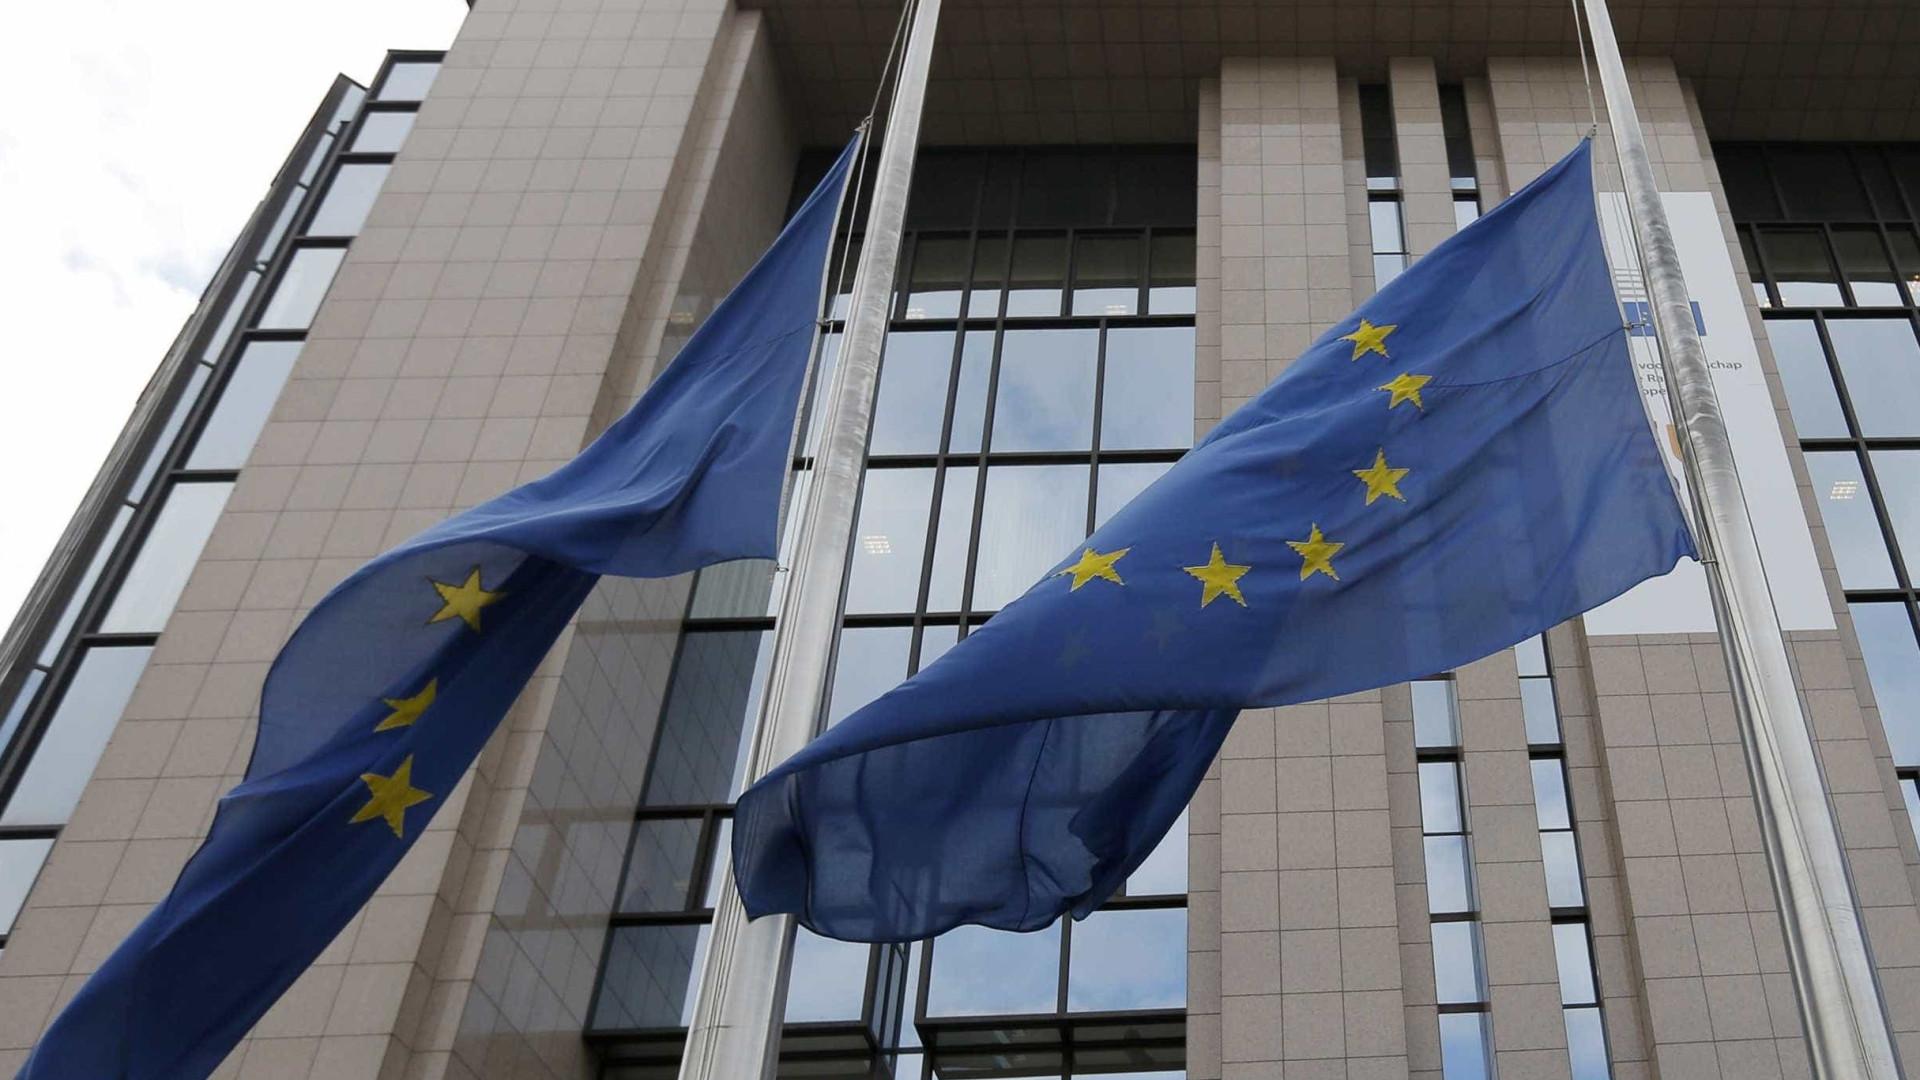 Acusações de censura levam Europa a reavaliar Lei de Direitos Autorais